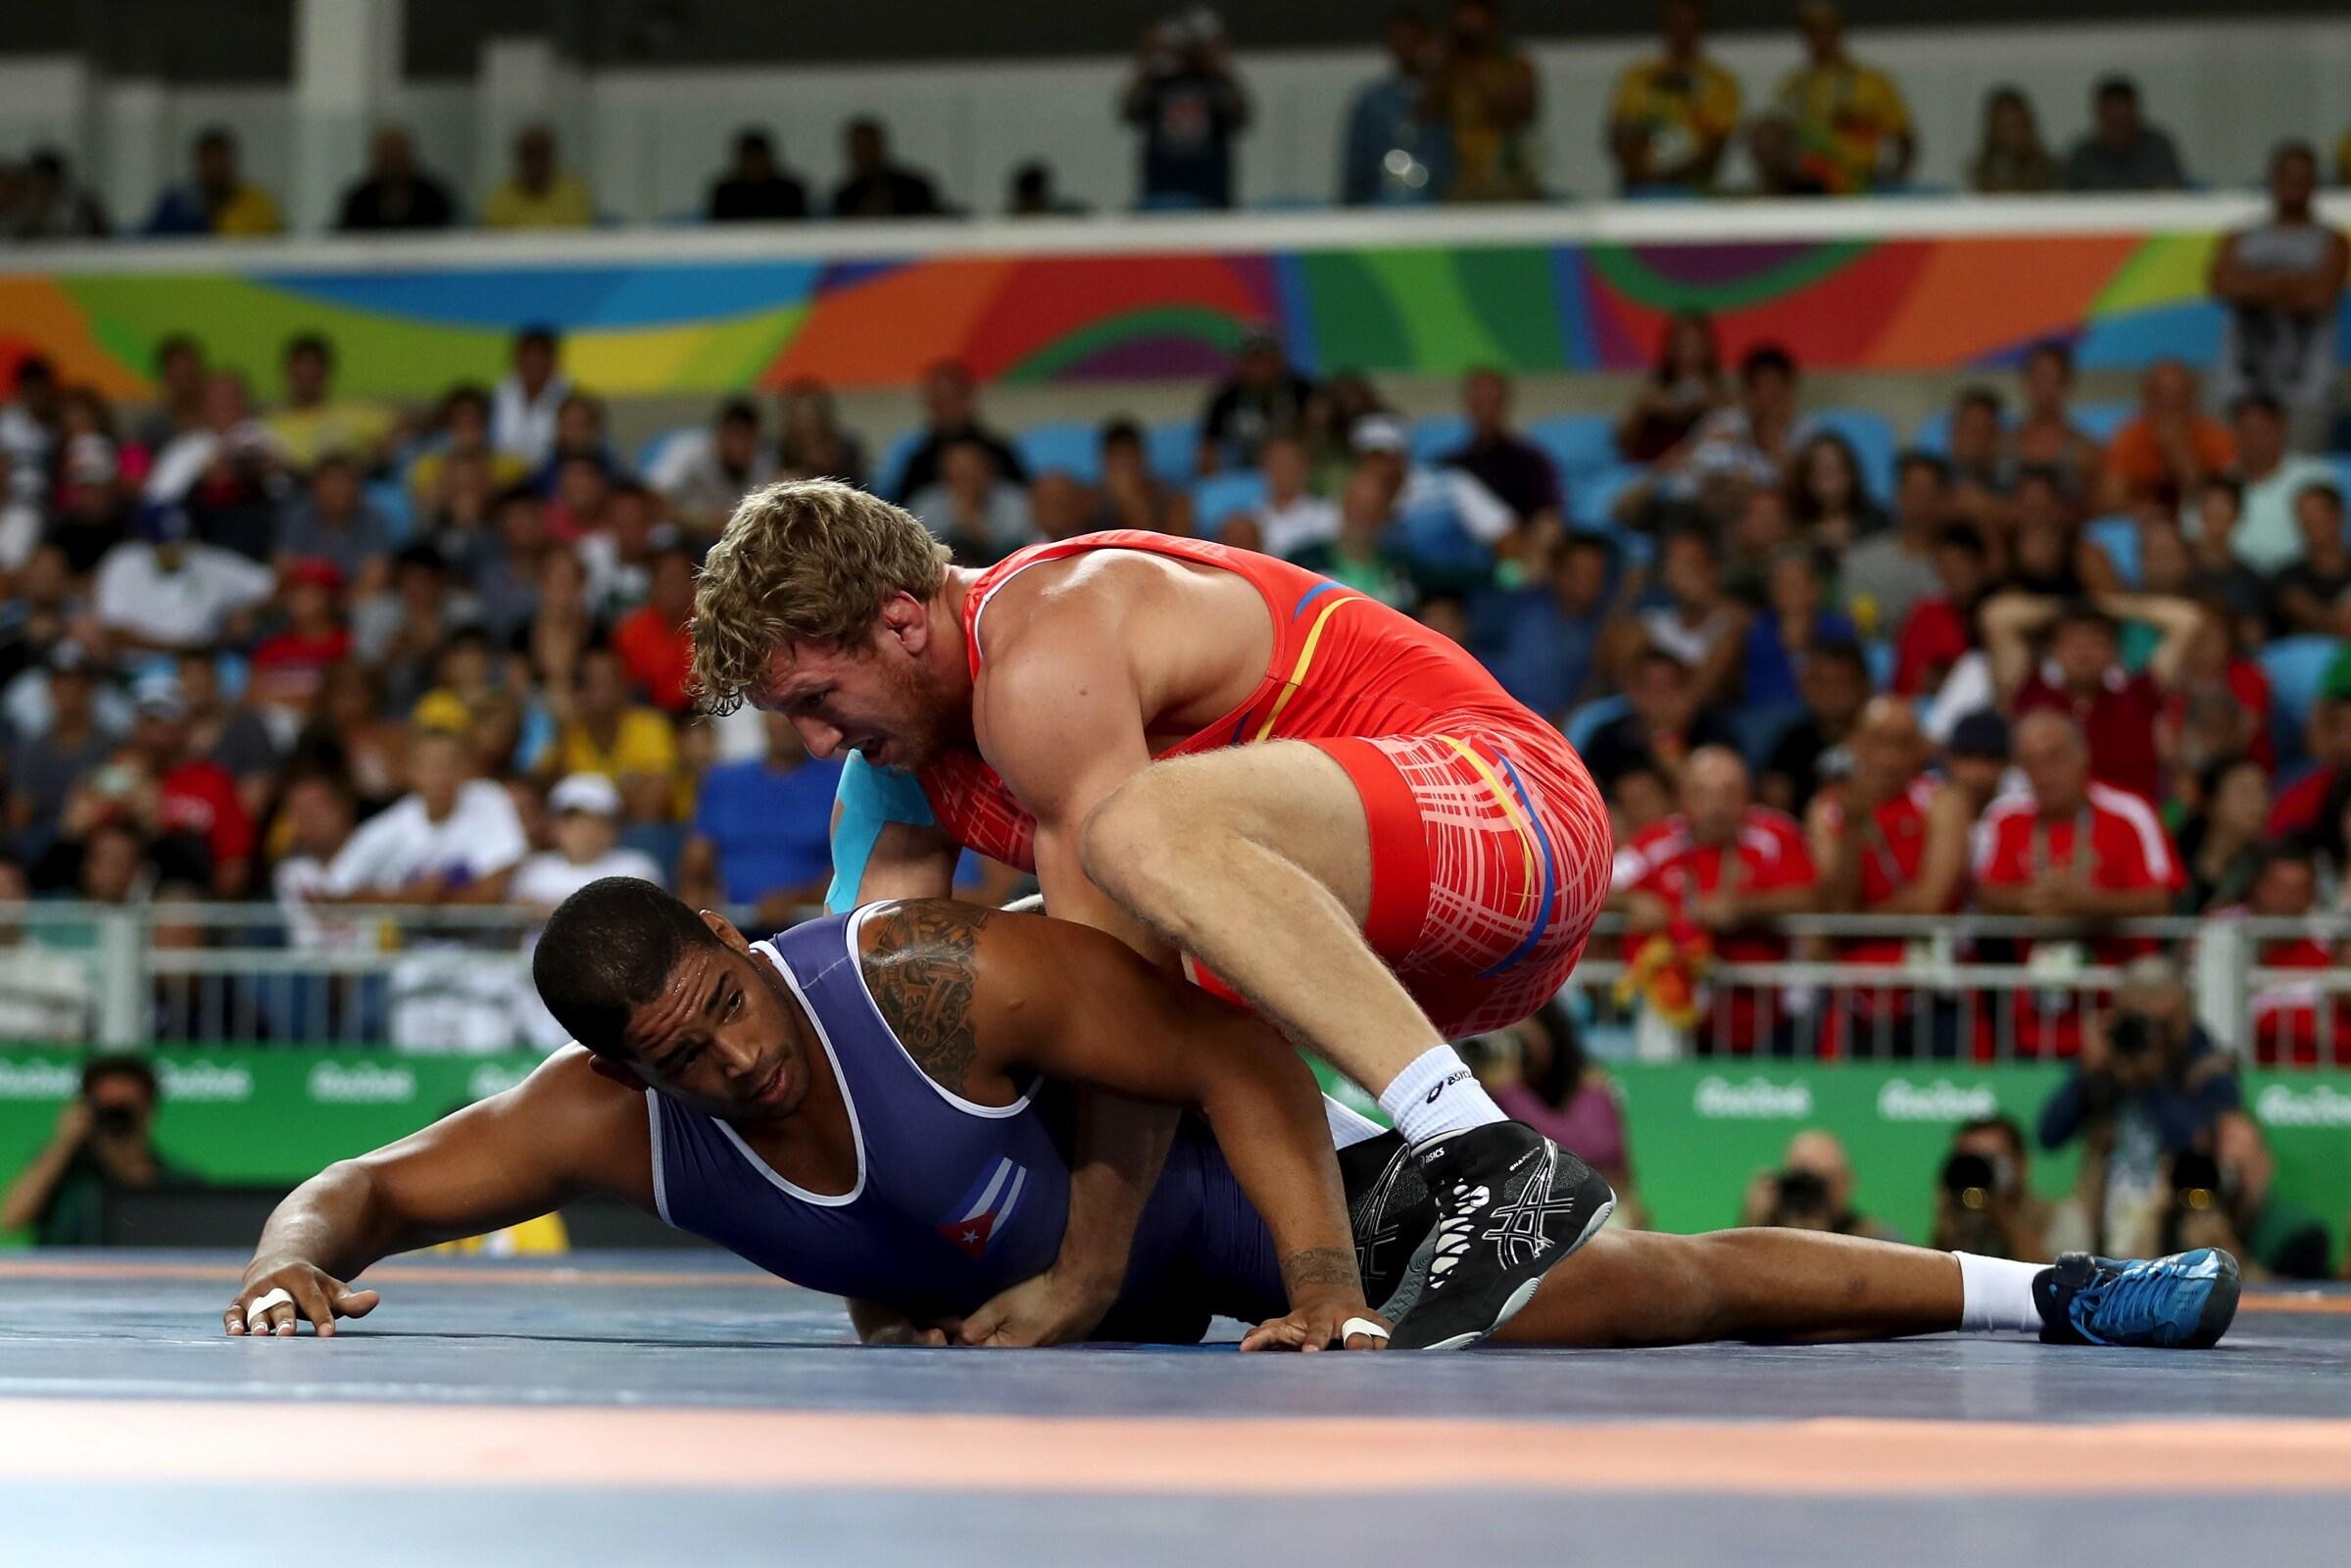 Lutte - Gréco-Romaine 98kg Hommes